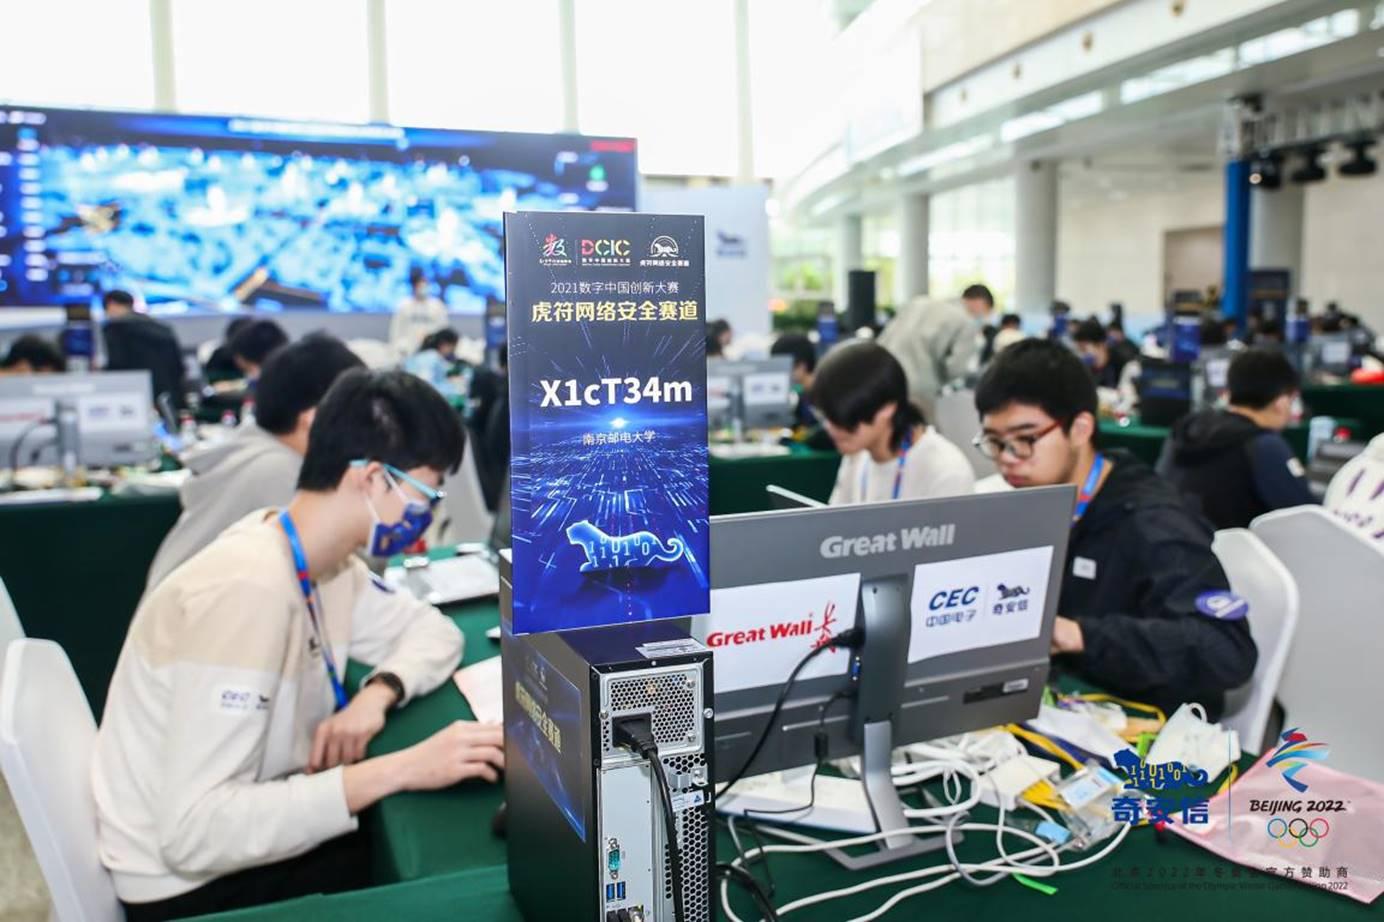 我院学生在2021数字中国创新大赛-虎符网络安全赛道总决赛上获得三等奖-小绿草信息安全实验室